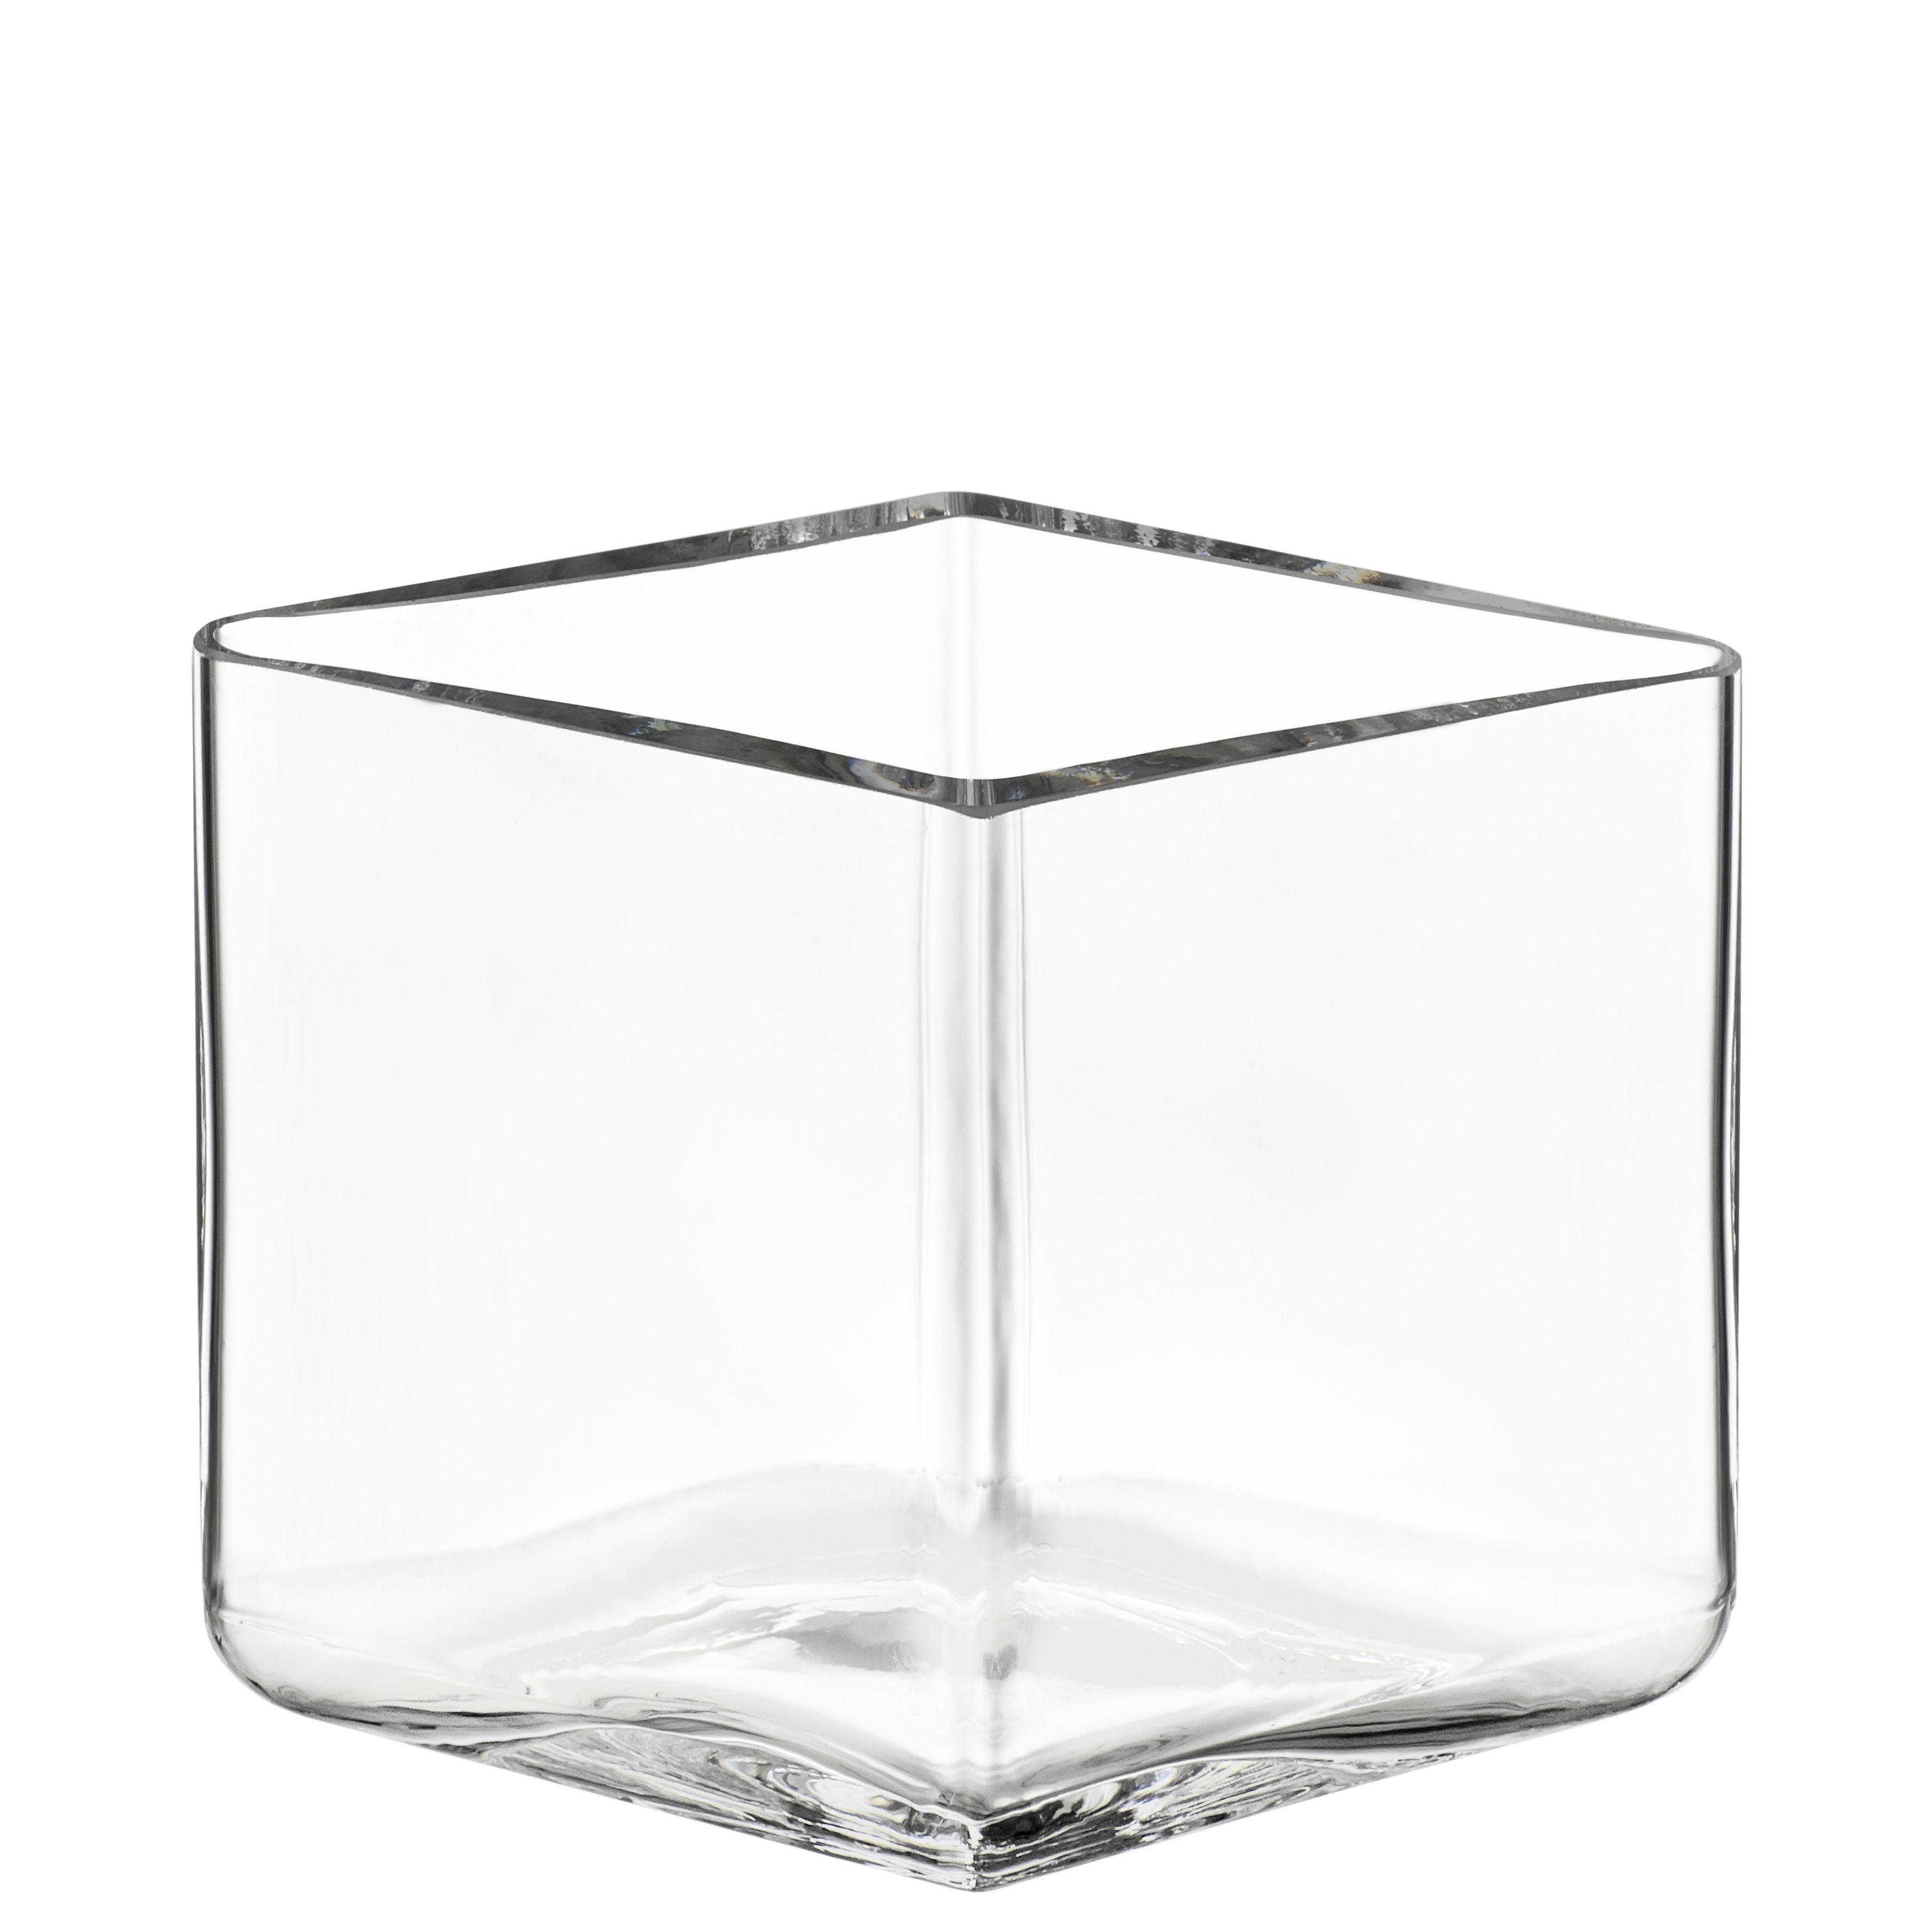 Déco - Vases - Vase Ruutu par R. & E. Bouroullec / L 11,5 x H 8 cm - Iittala - Cristal - Verre soufflé bouche